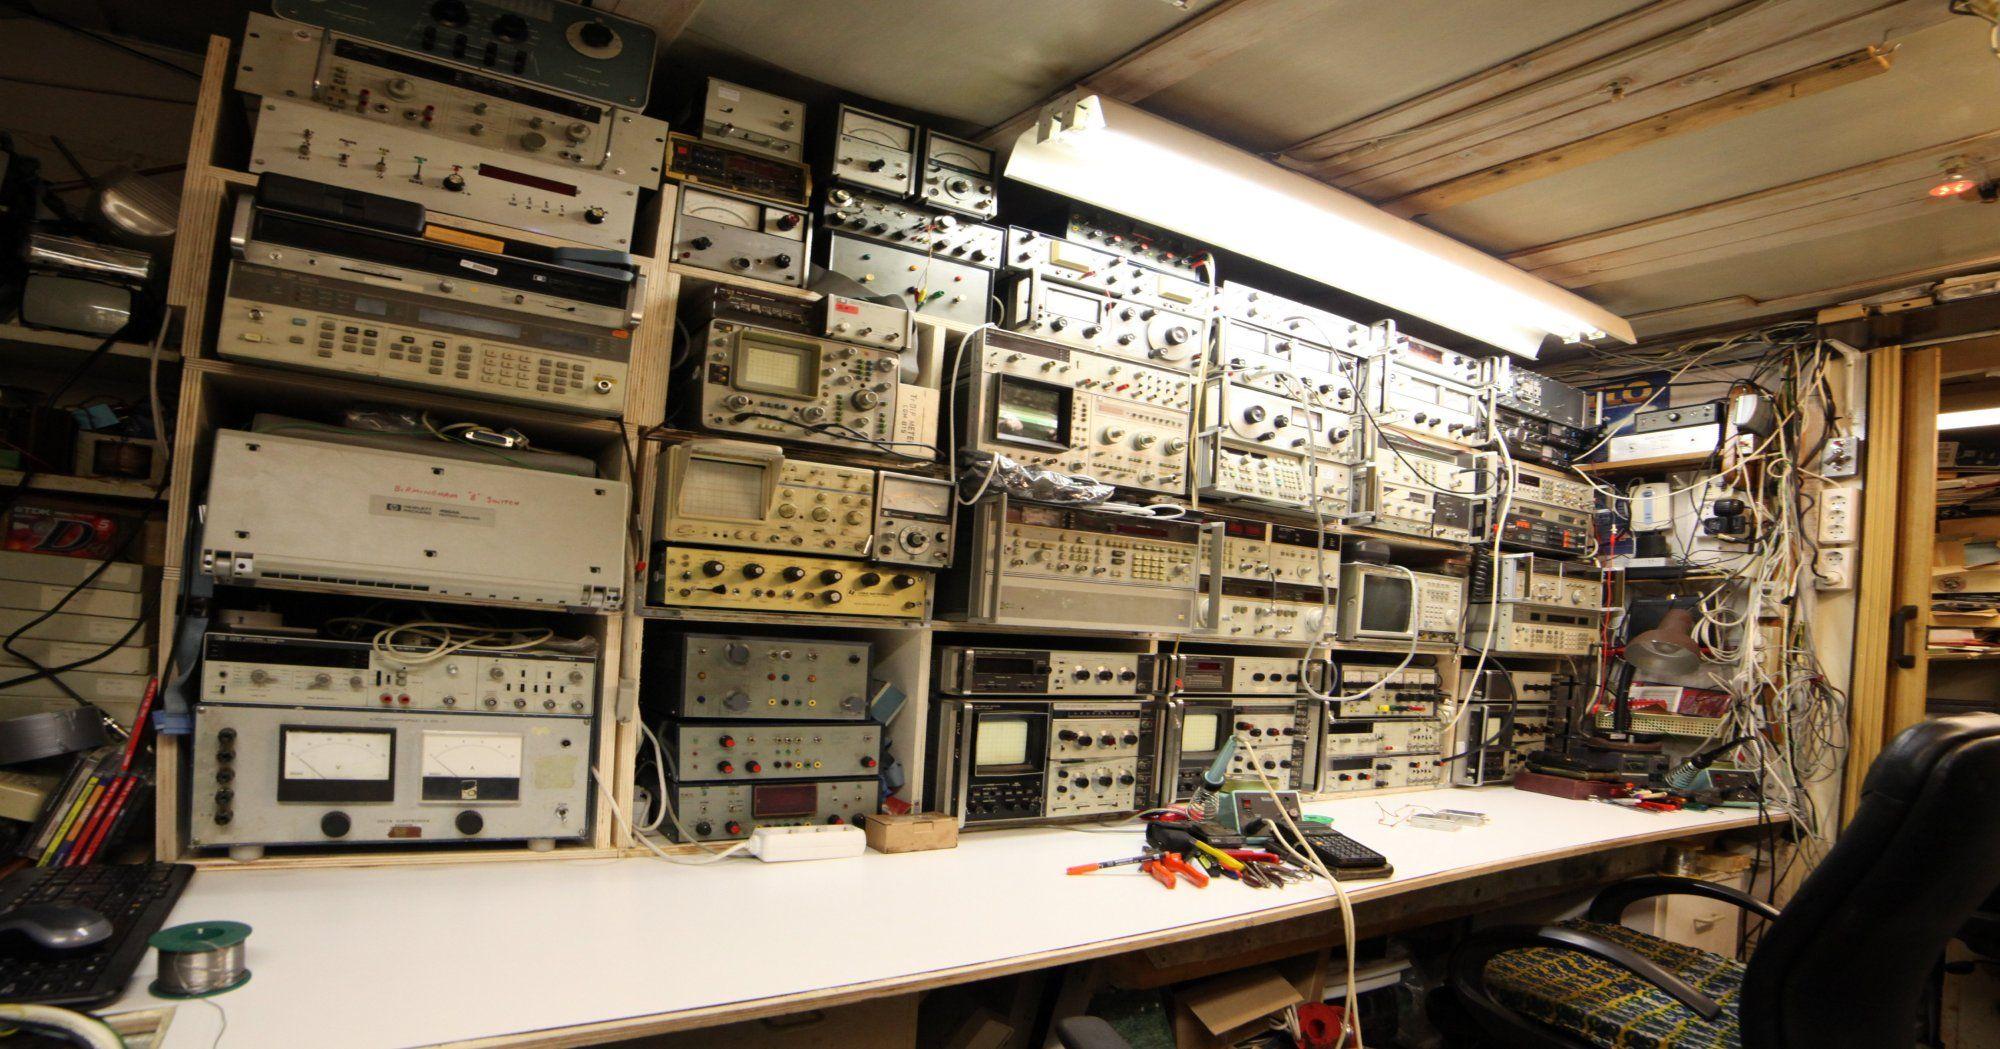 amateur radio electronic workbench  electronic lab · Electronic WorkbenchHam RadioWorkbenchesWorkspacesEngineeringMan  ...